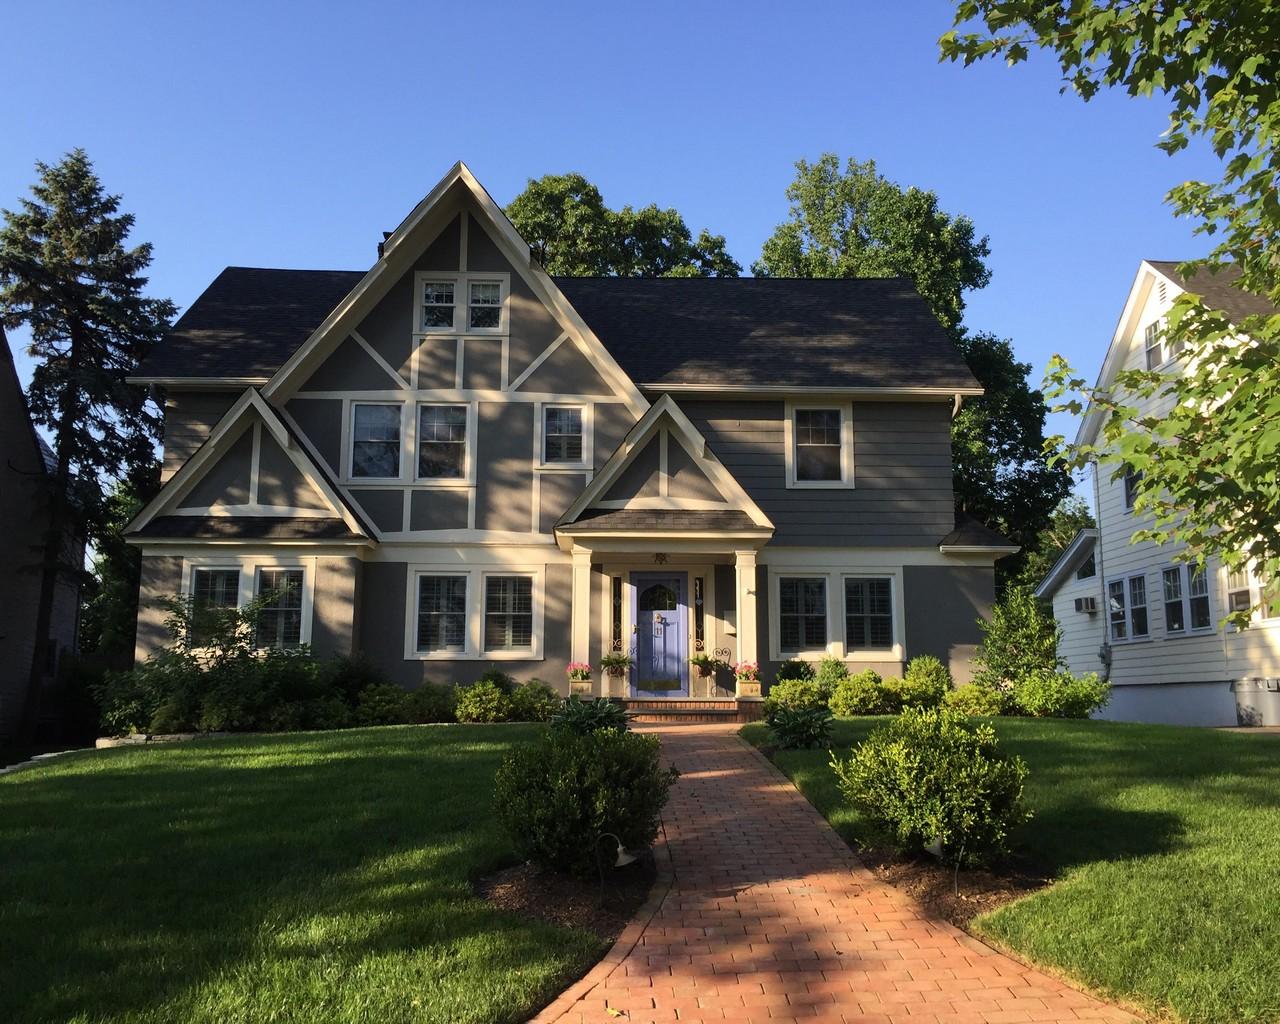 Частный односемейный дом для того Продажа на Stylish and Chic 11 Ferncliff Terrace Glen Ridge, Нью-Джерси 07028 Соединенные Штаты